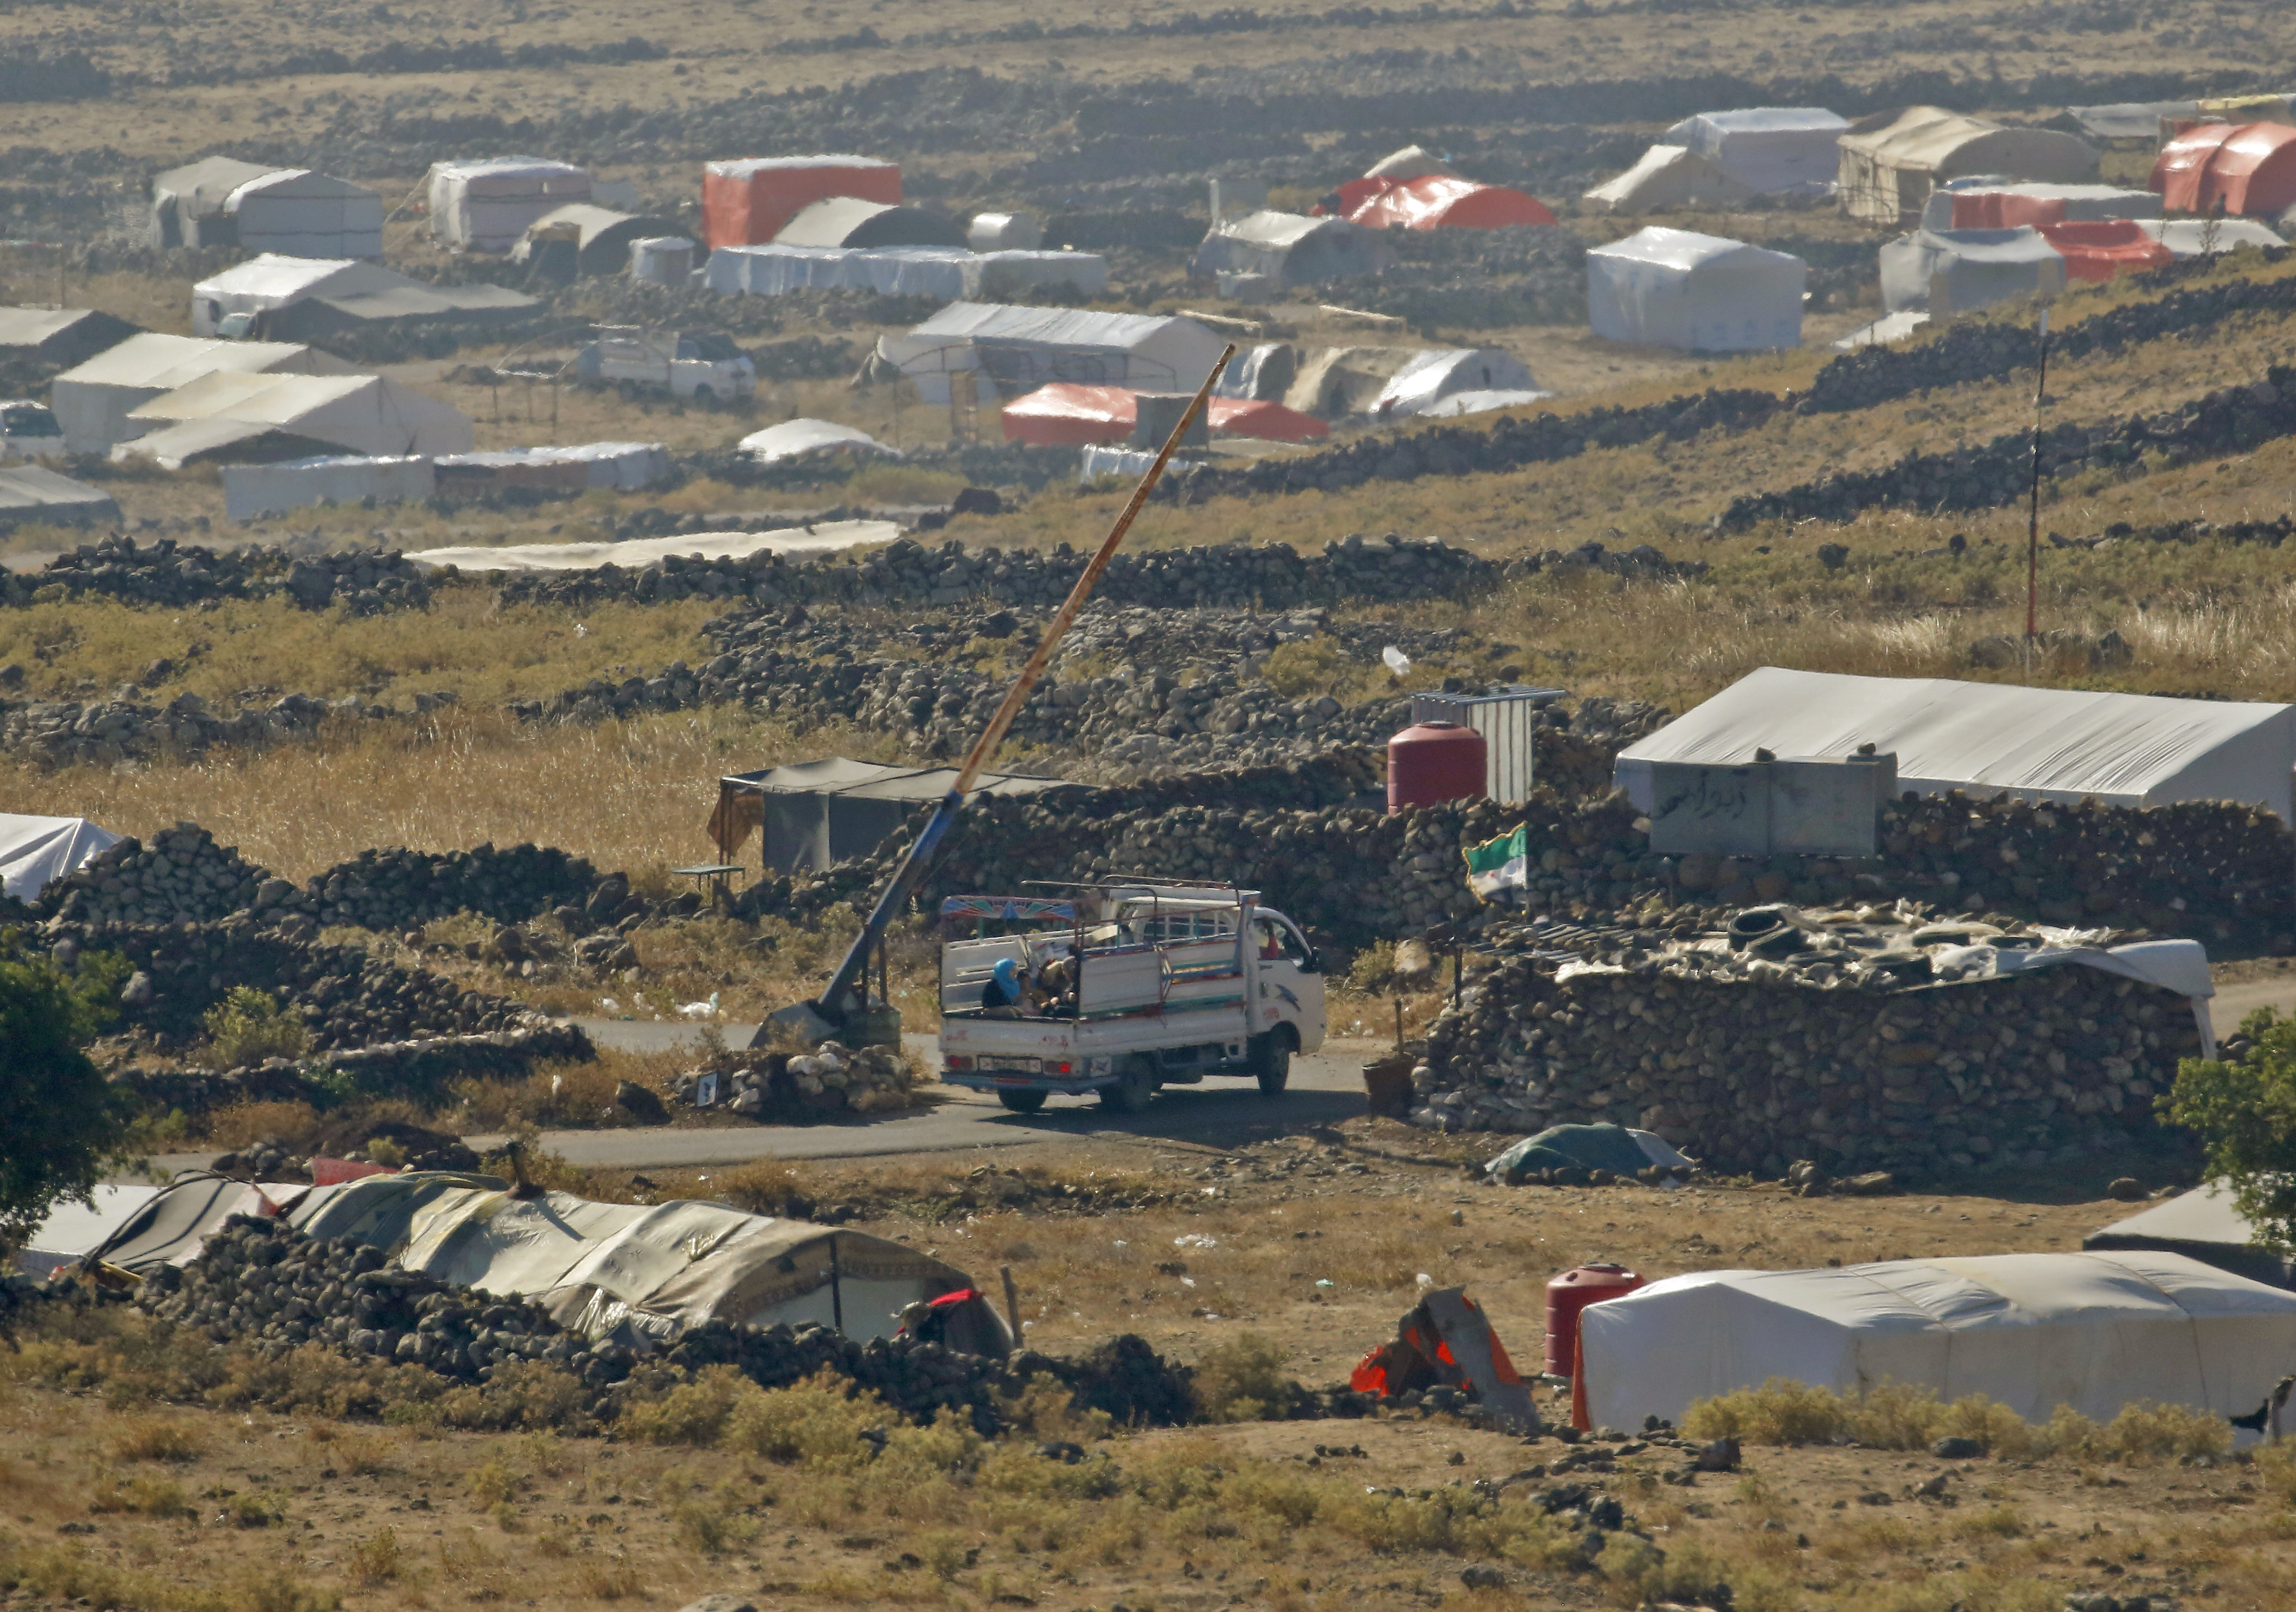 من الحدود الإسرائيلية.. هكذا يبدو مشهد النزوح السوري